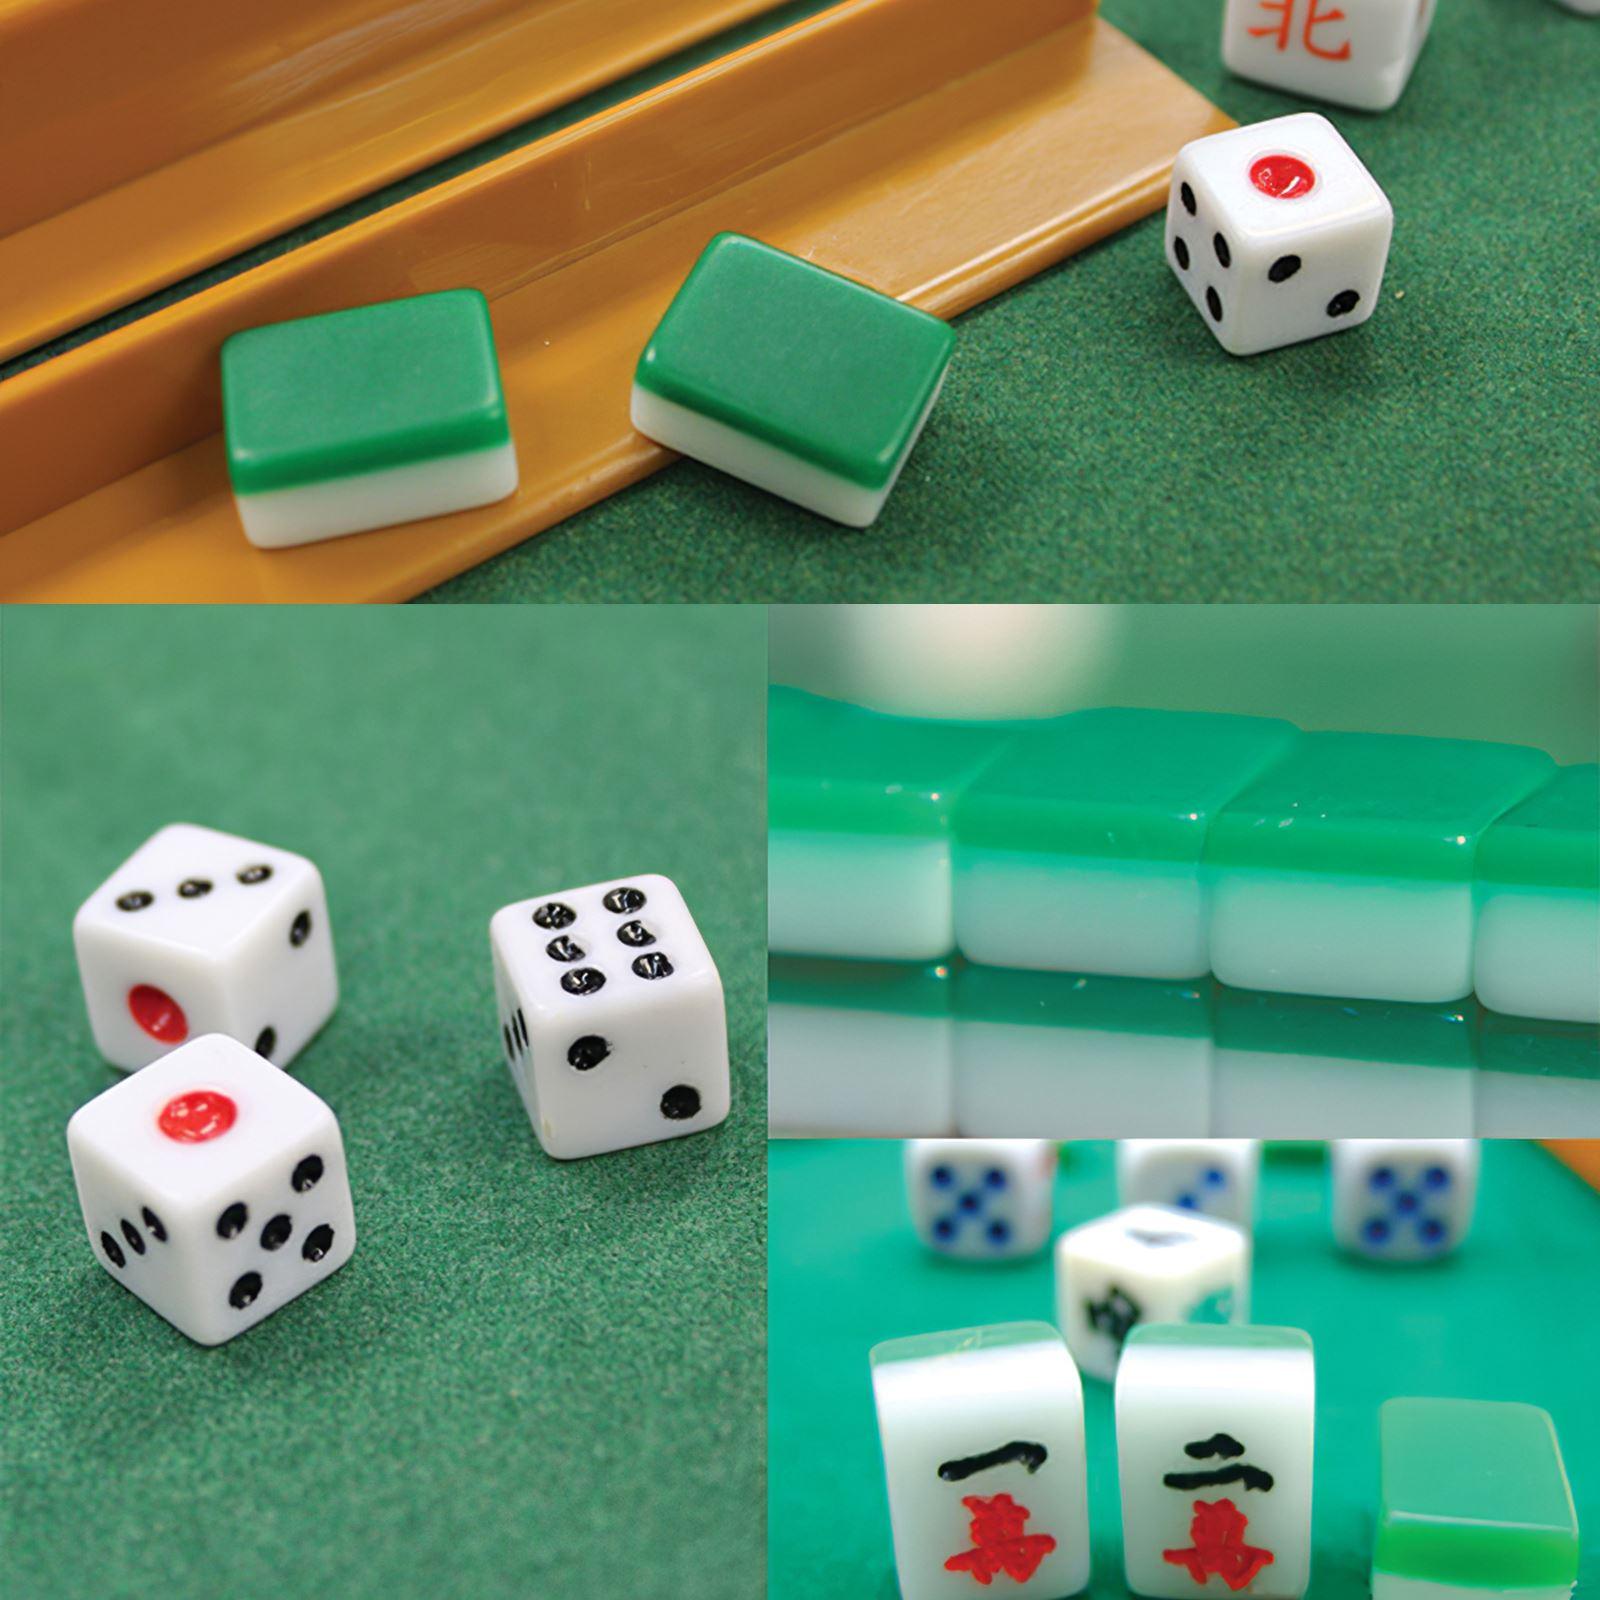 صغير جونغ الشطرنج مجلس ألعاب المحمولة البوق جونغ محفورة جونغ مع طاولة الشطرنج الترفيه الطفل لعبة تفاعلية